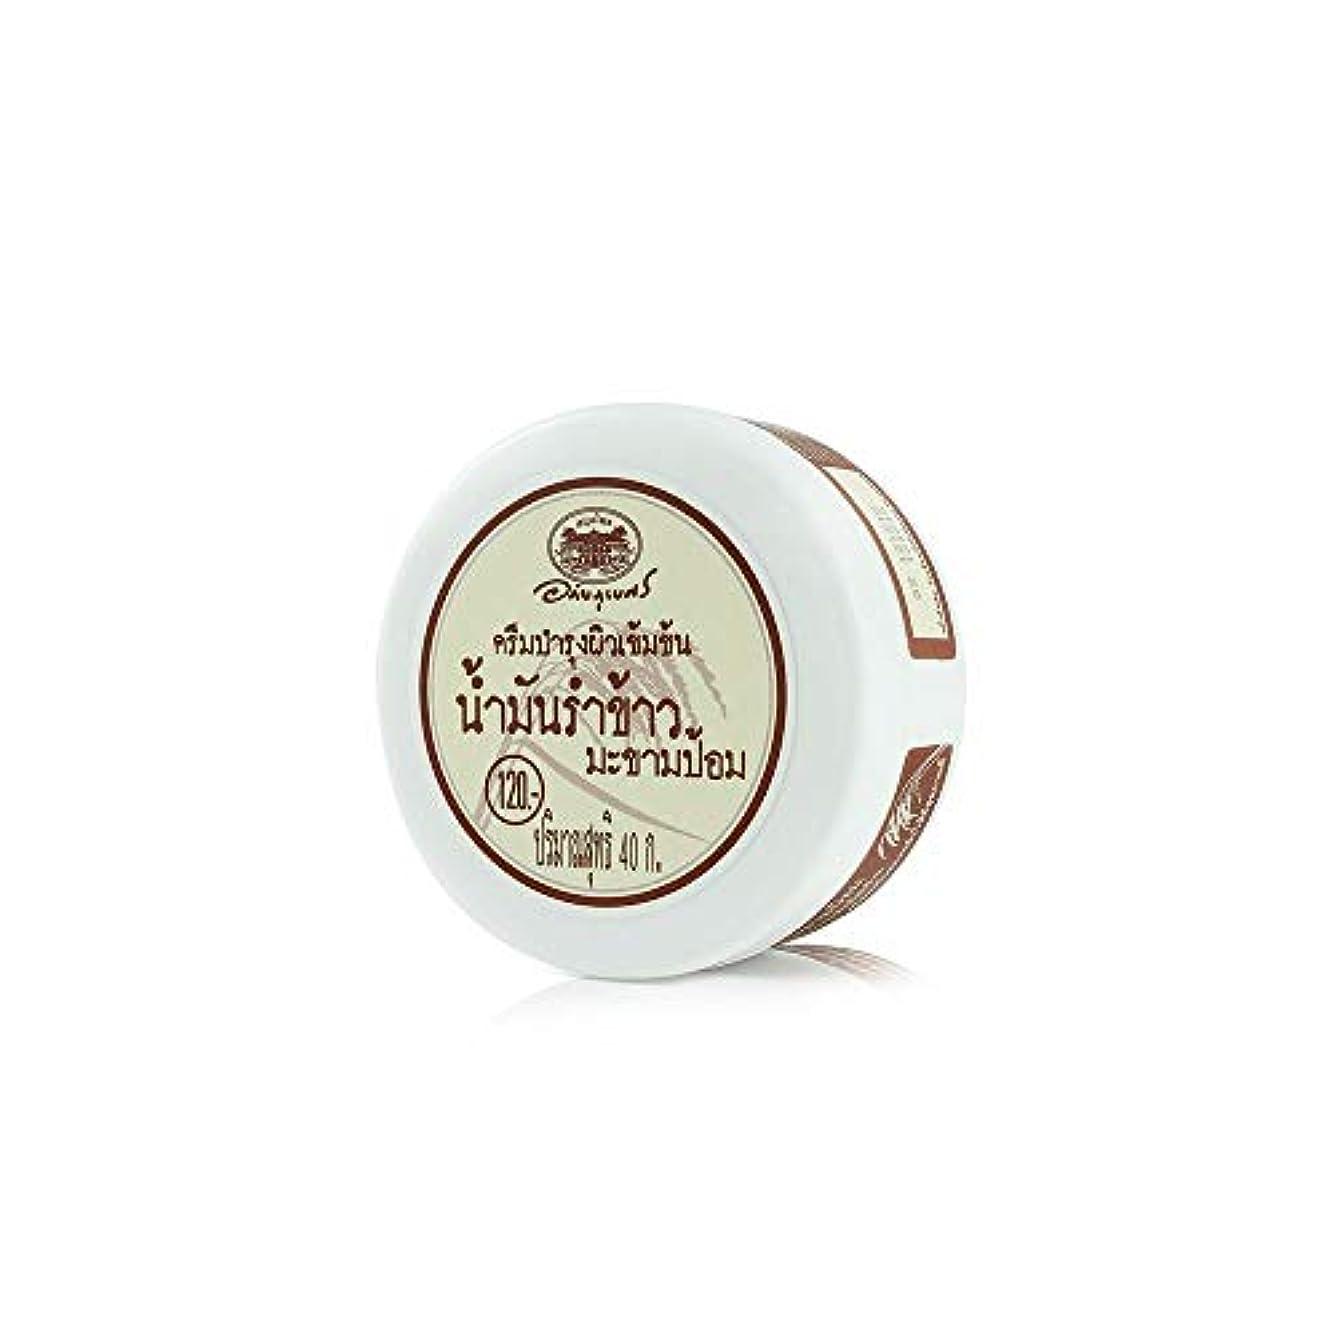 乗って舗装世界記録のギネスブックAbhaibhubejhr Rice Bran Oil Plus Tamarind Extract Herbal Body Cream 40g. Abhaibhubejhrライスブランオイルプラスタマリンドエクストラクトハーブボディクリーム...